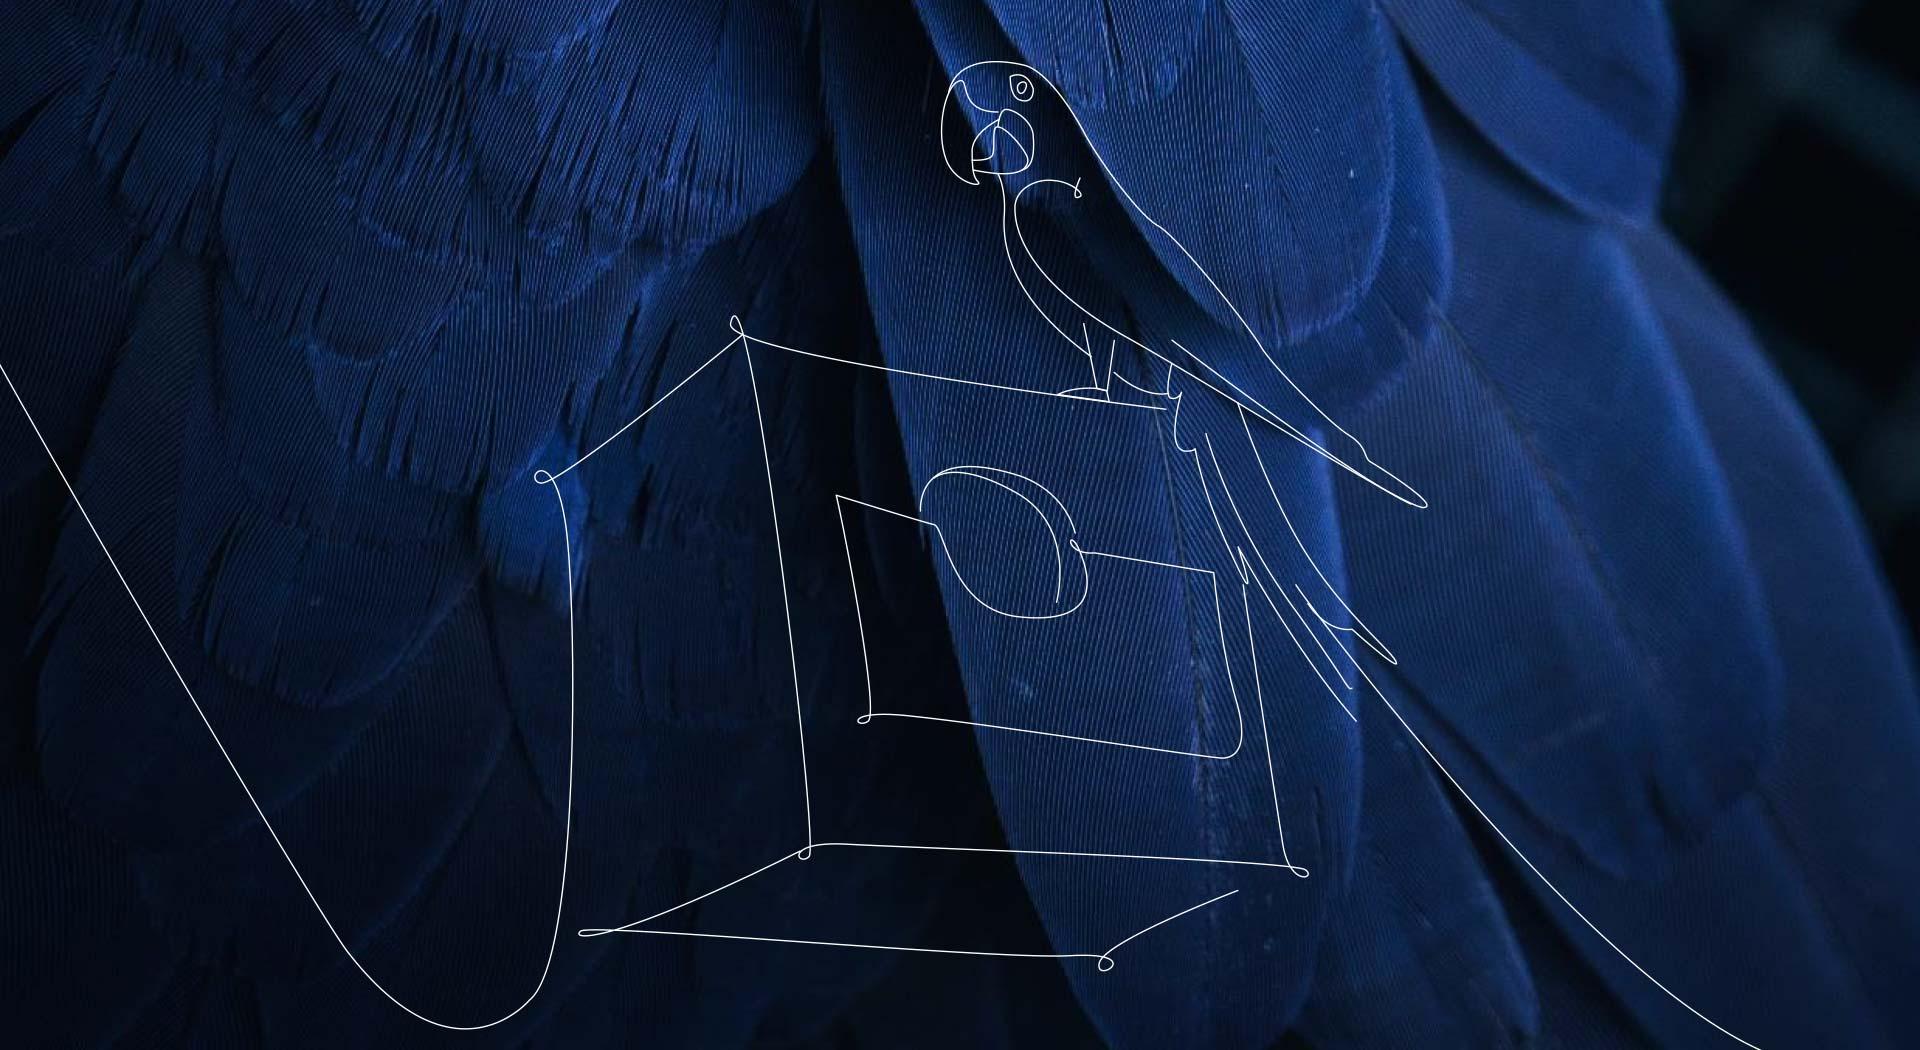 Penas de uma arara na cor azul, por cima das penas um desenho de arara em cima de uma caixa